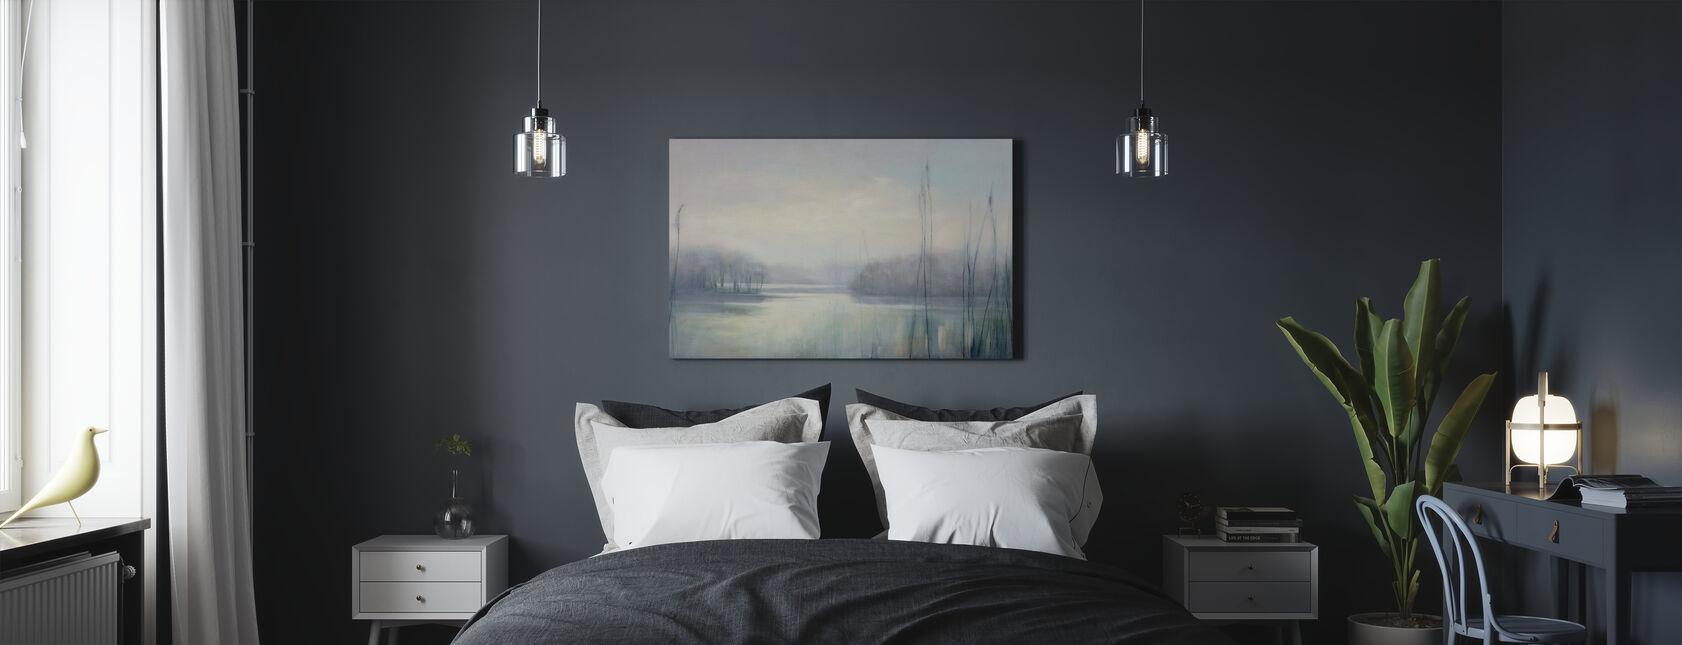 Misty Memories - Canvas print - Bedroom